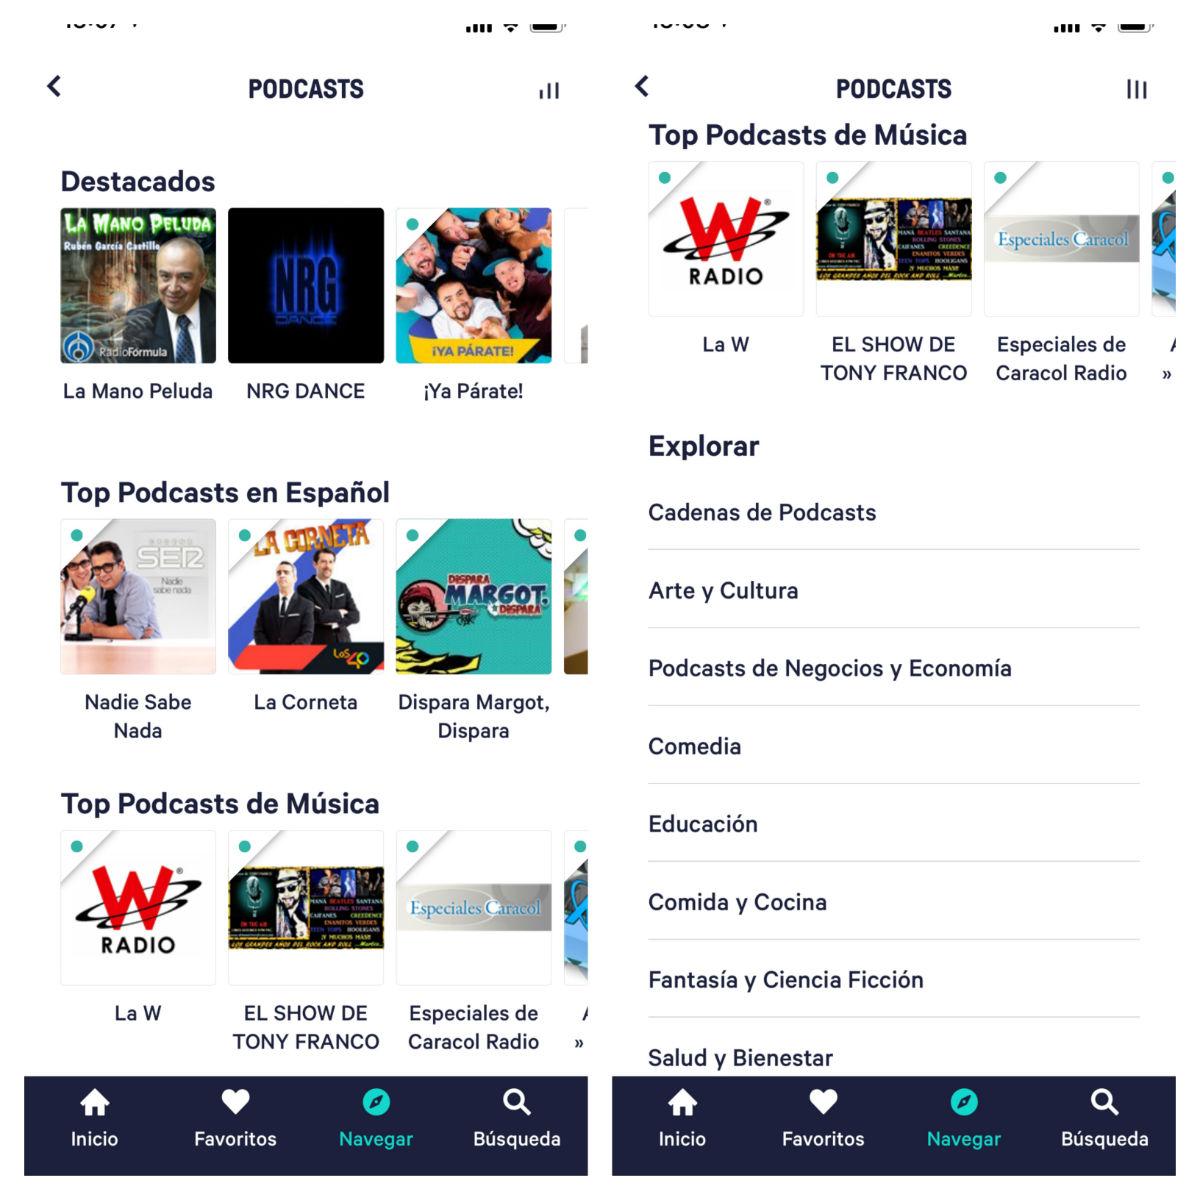 Las 5 mejores aplicaciones para escuchar y descargar podcast